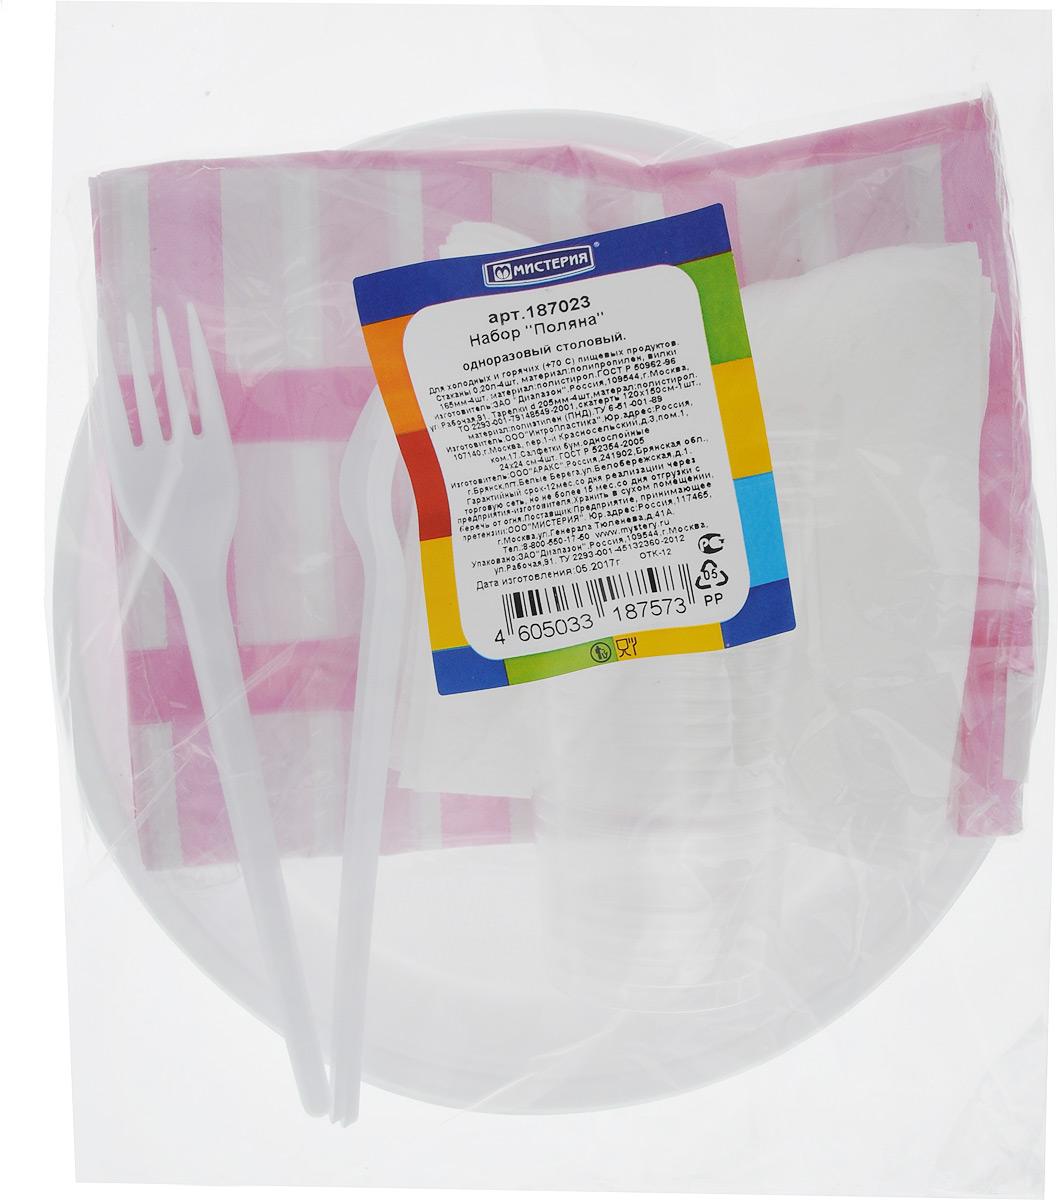 Набор одноразовой посуды Мистерия Поляна, 17 предметовVT-1520(SR)Набор одноразовой посуды Мистерия Поляна на 6 персон включает 6 тарелок, 6 вилок, 6 стаканов, 6 салфеток и скатерть. Посуда выполнена из пищевого пластика, предназначена для холодных и горячих (до +70°С) пищевых продуктов. Скатерть изготовлена из полиэтилена (ПНД). Такой набор посуды отлично подойдет для отдыха на природе. В нем есть все необходимое для пикника. Он легкий и не занимает много места, а самое главное - после использования его не надо мыть. Объем стакана: 200 мл. Диаметр стакана (по верхнему краю): 7 см. Высота стакана: 9,5 см. Диаметр тарелки: 20,5 см. Длина вилки: 16,5 см. Размер салфетки: 24 х 24 см. Размер скатерти: 120 х 150 см.